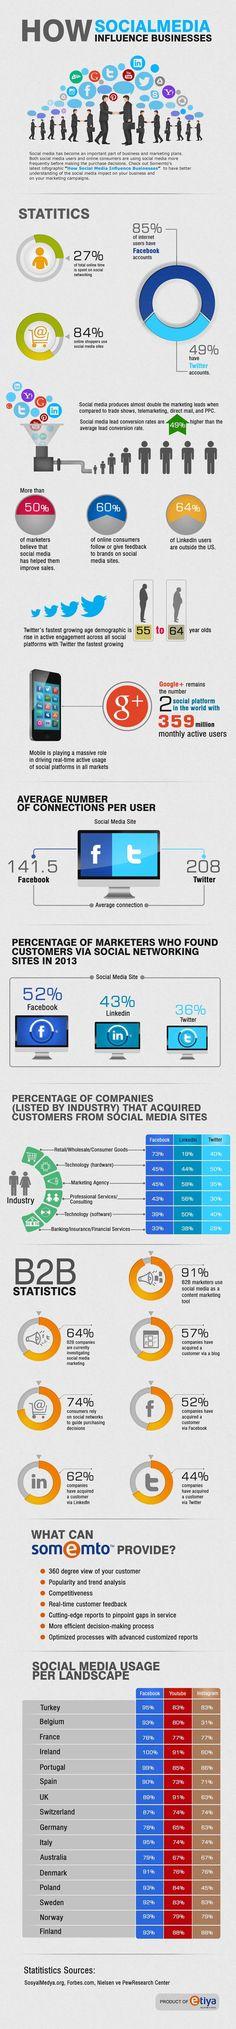 """SOCIAL MEDIA - """"How Social Media Influences Business [INFOGRAPHIC]""""."""